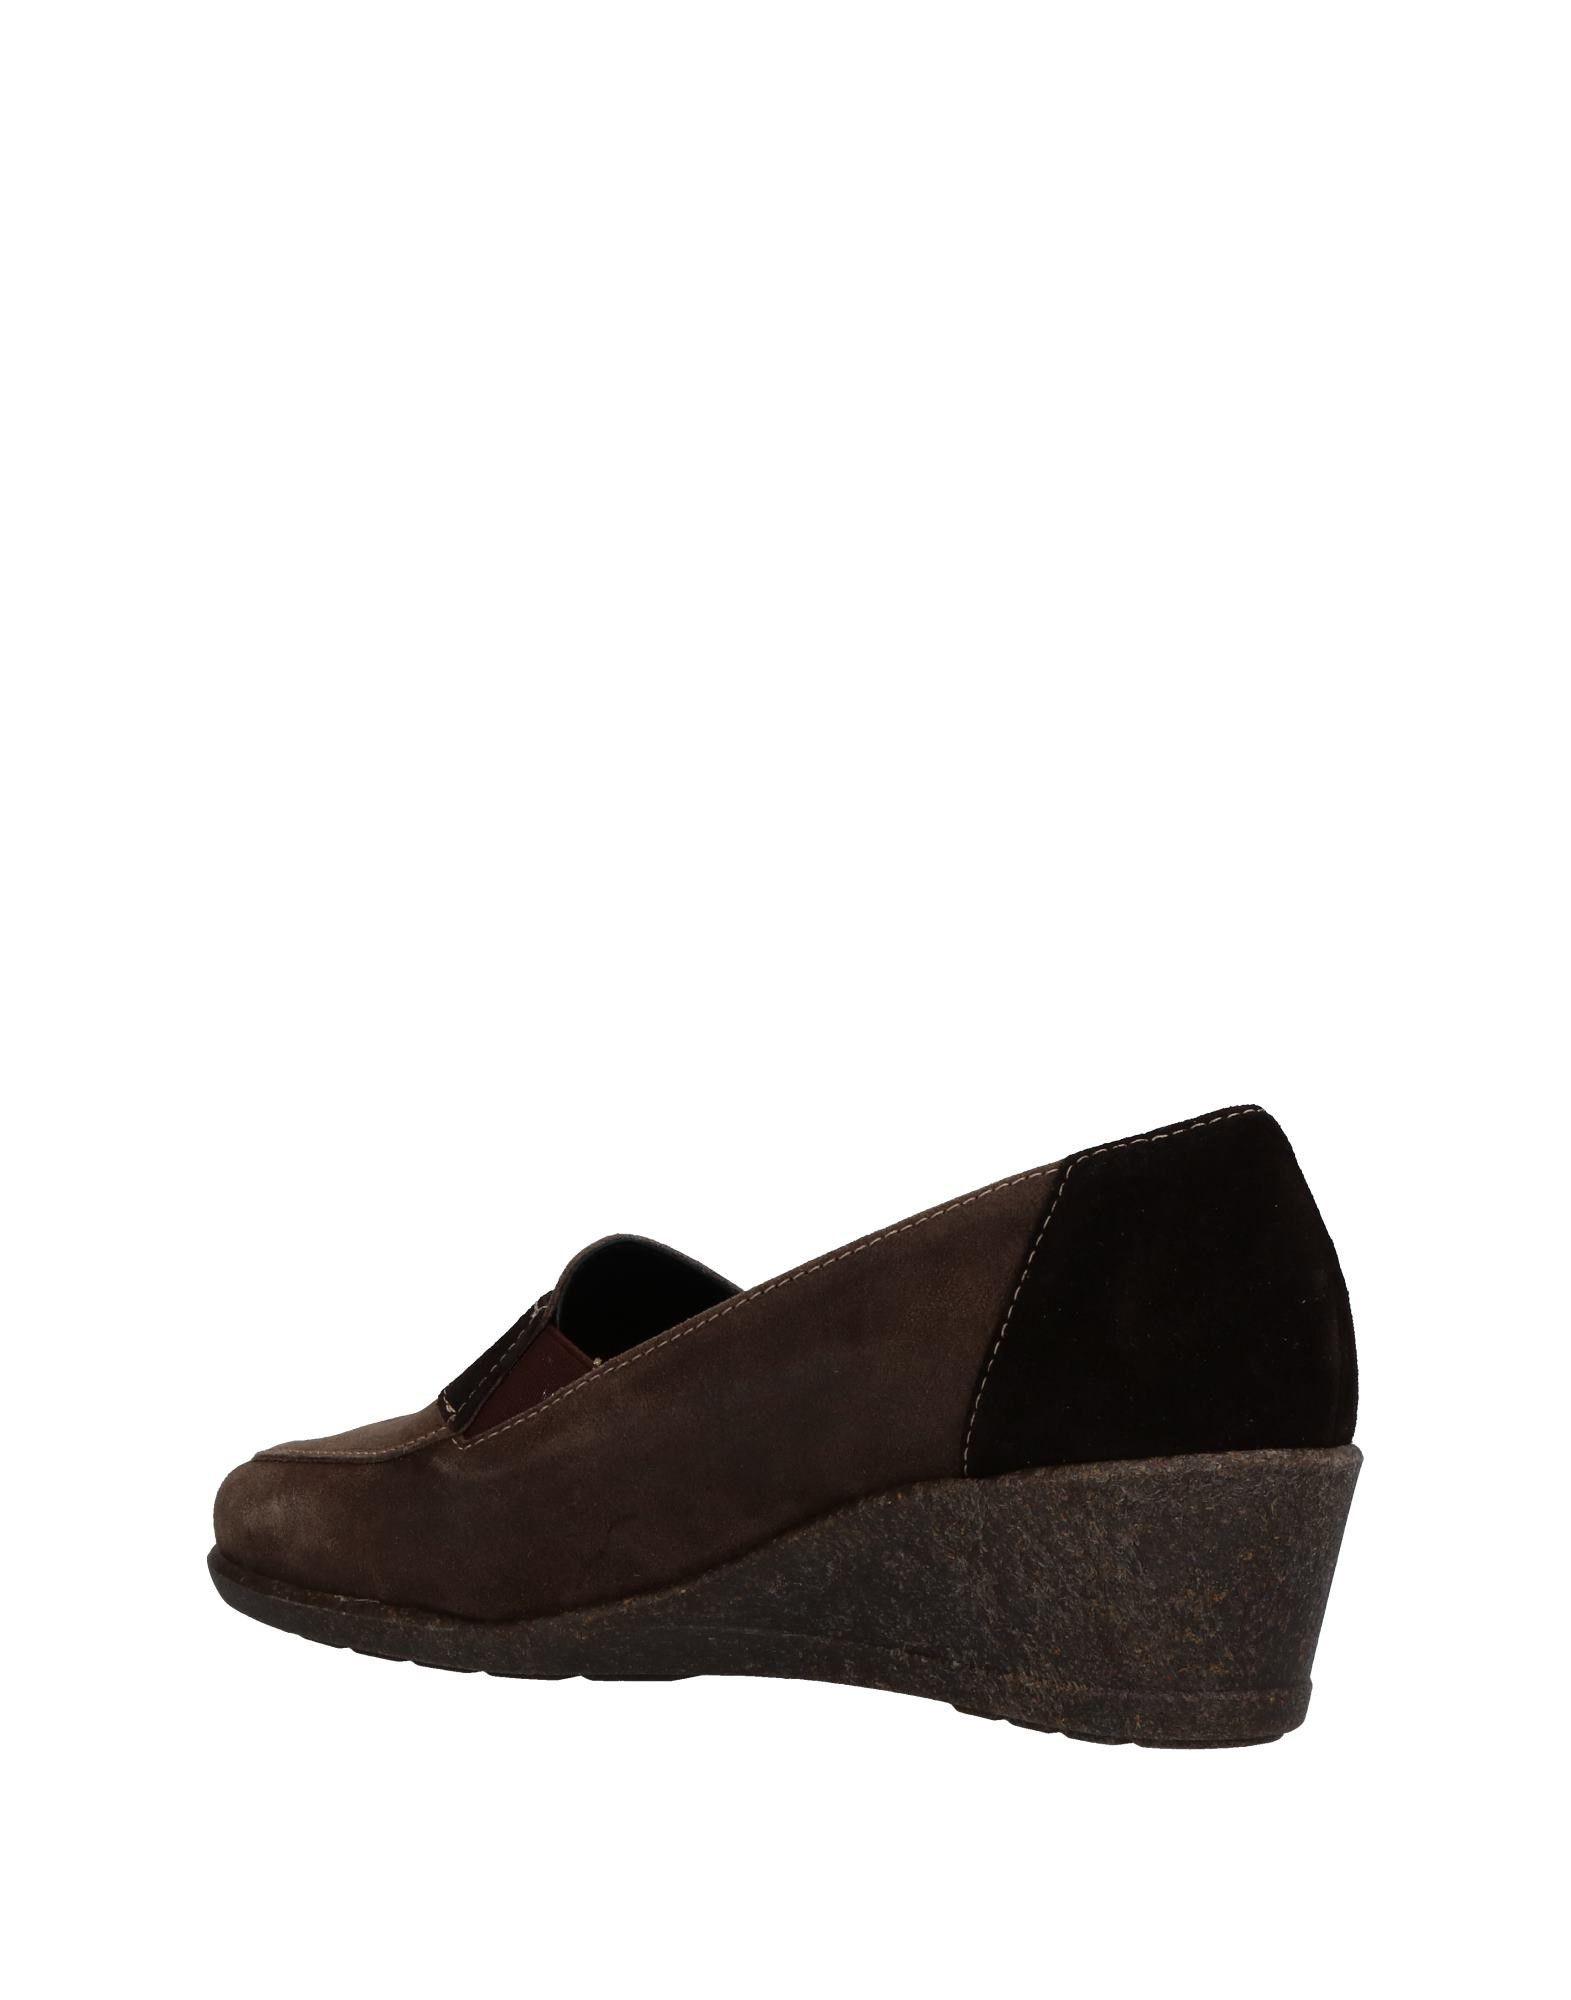 Cinzia Soft By Mauri Moda Mokassins Damen  11400623VO Gute Qualität beliebte Schuhe